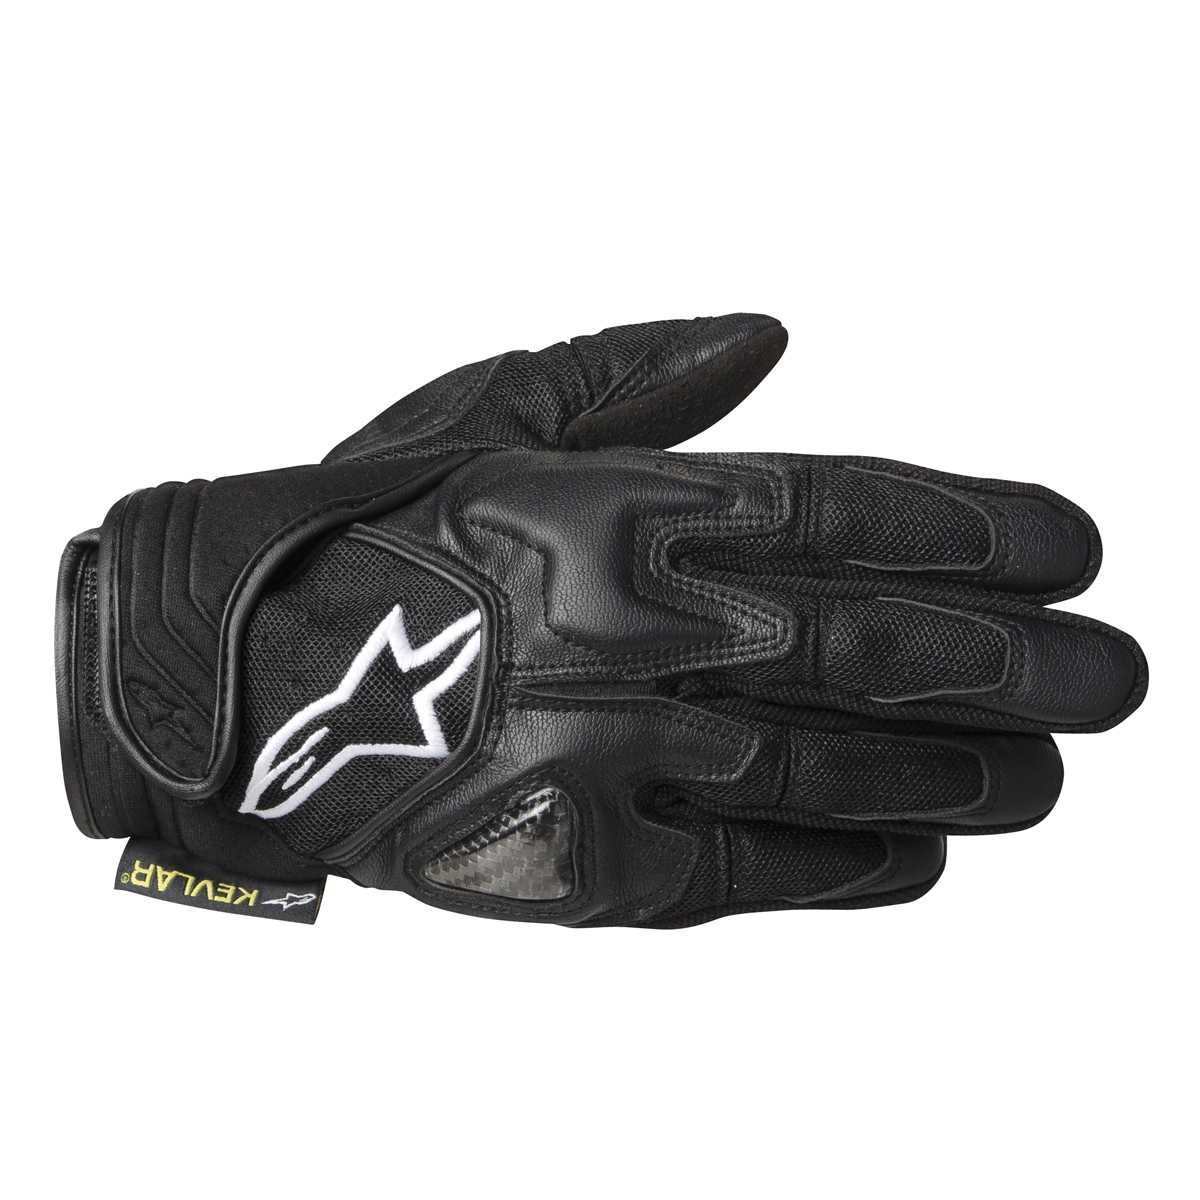 Alpinestars Scheme Kevlar Handschuh